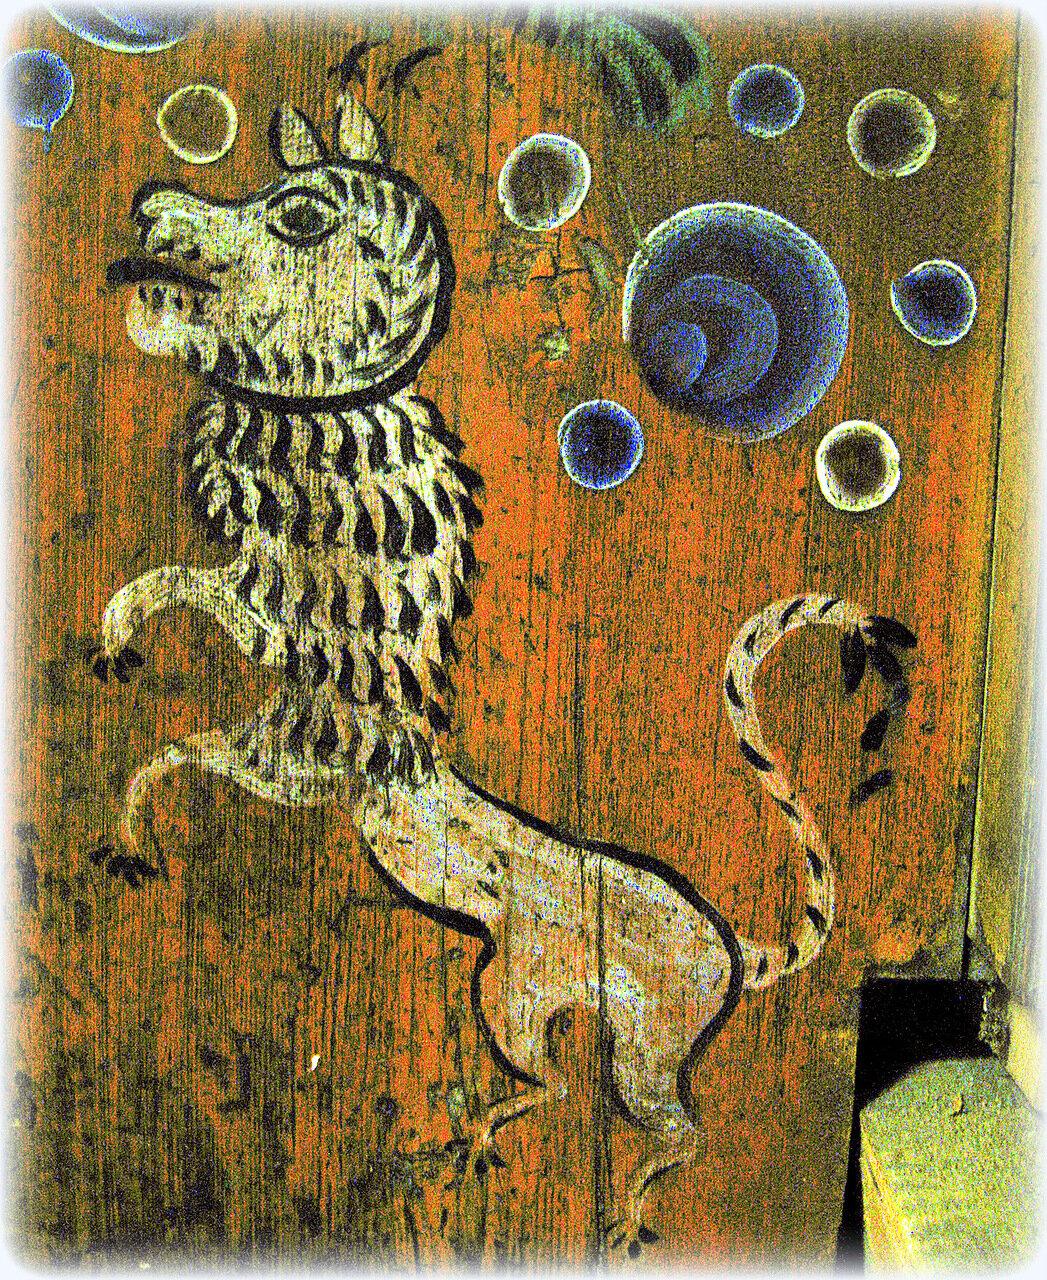 Львы в крестьянской домовой росписи